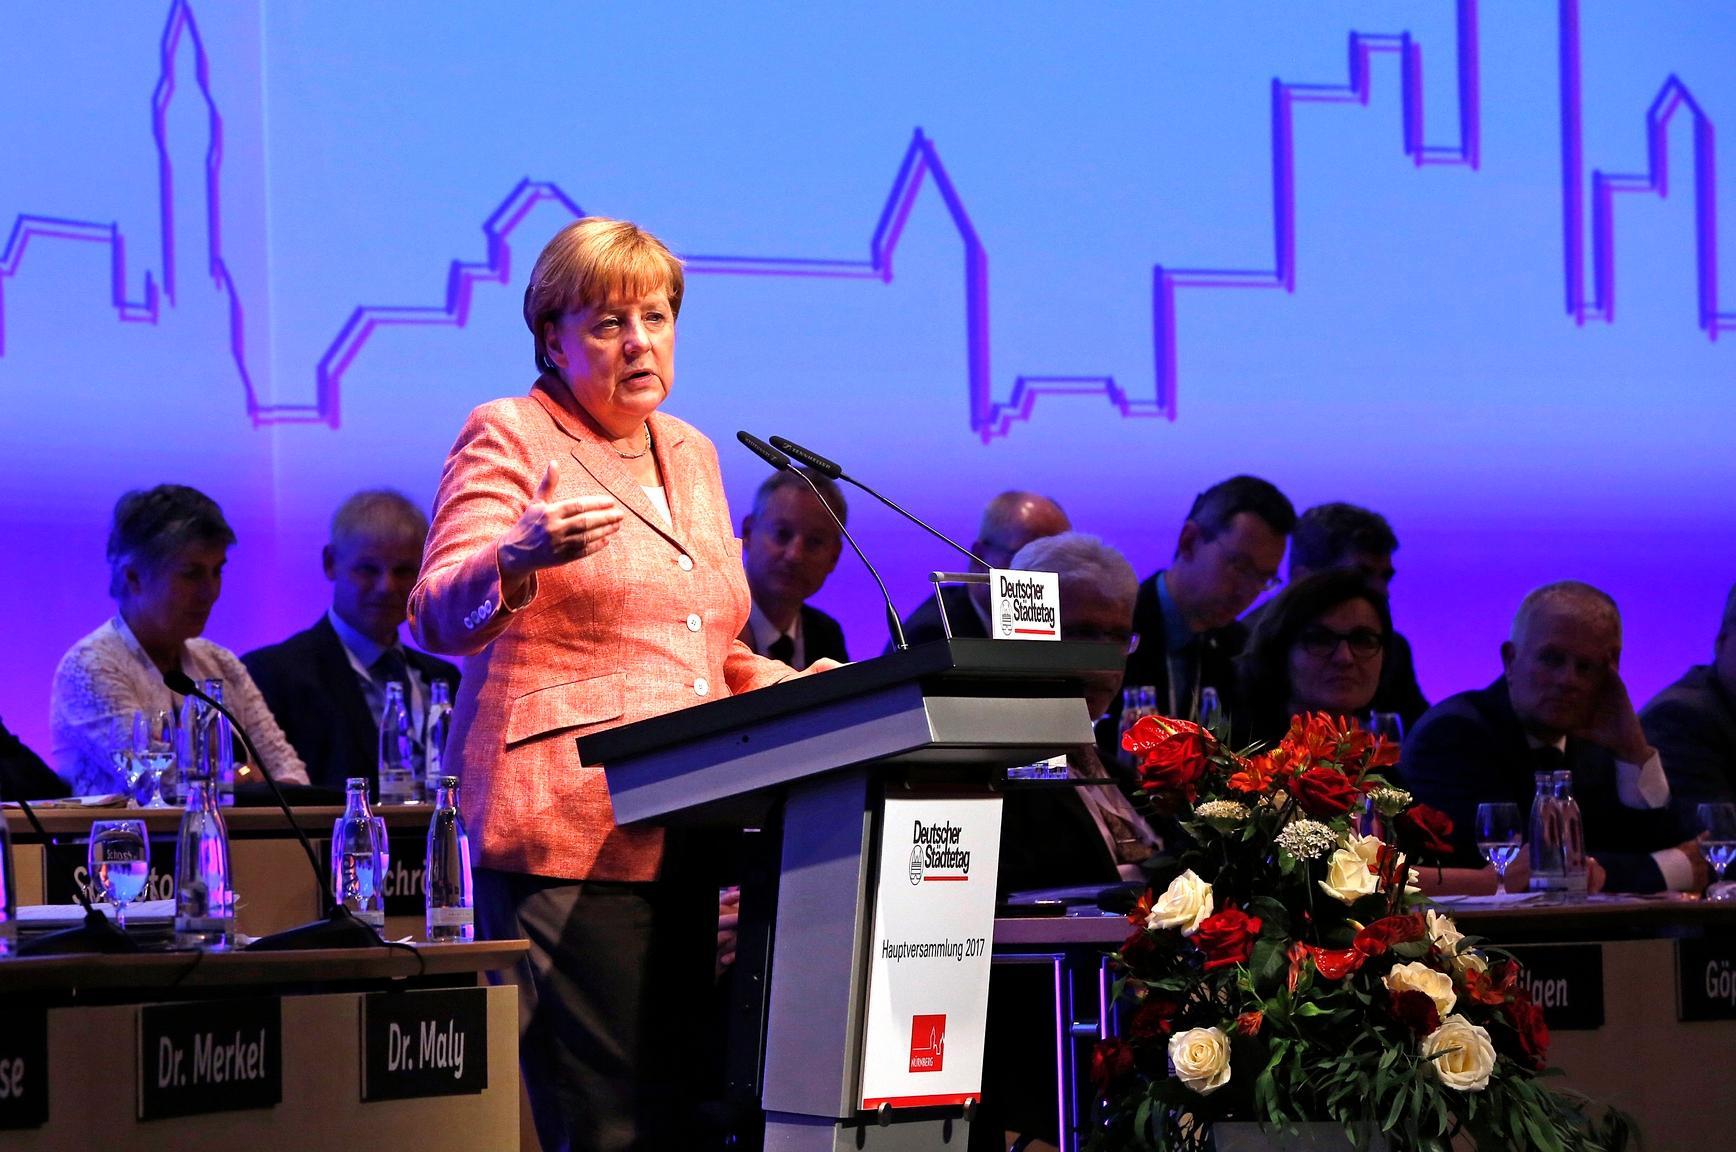 Städtetag erhofft sich Antworten von Merkel auf Wohnungsnot